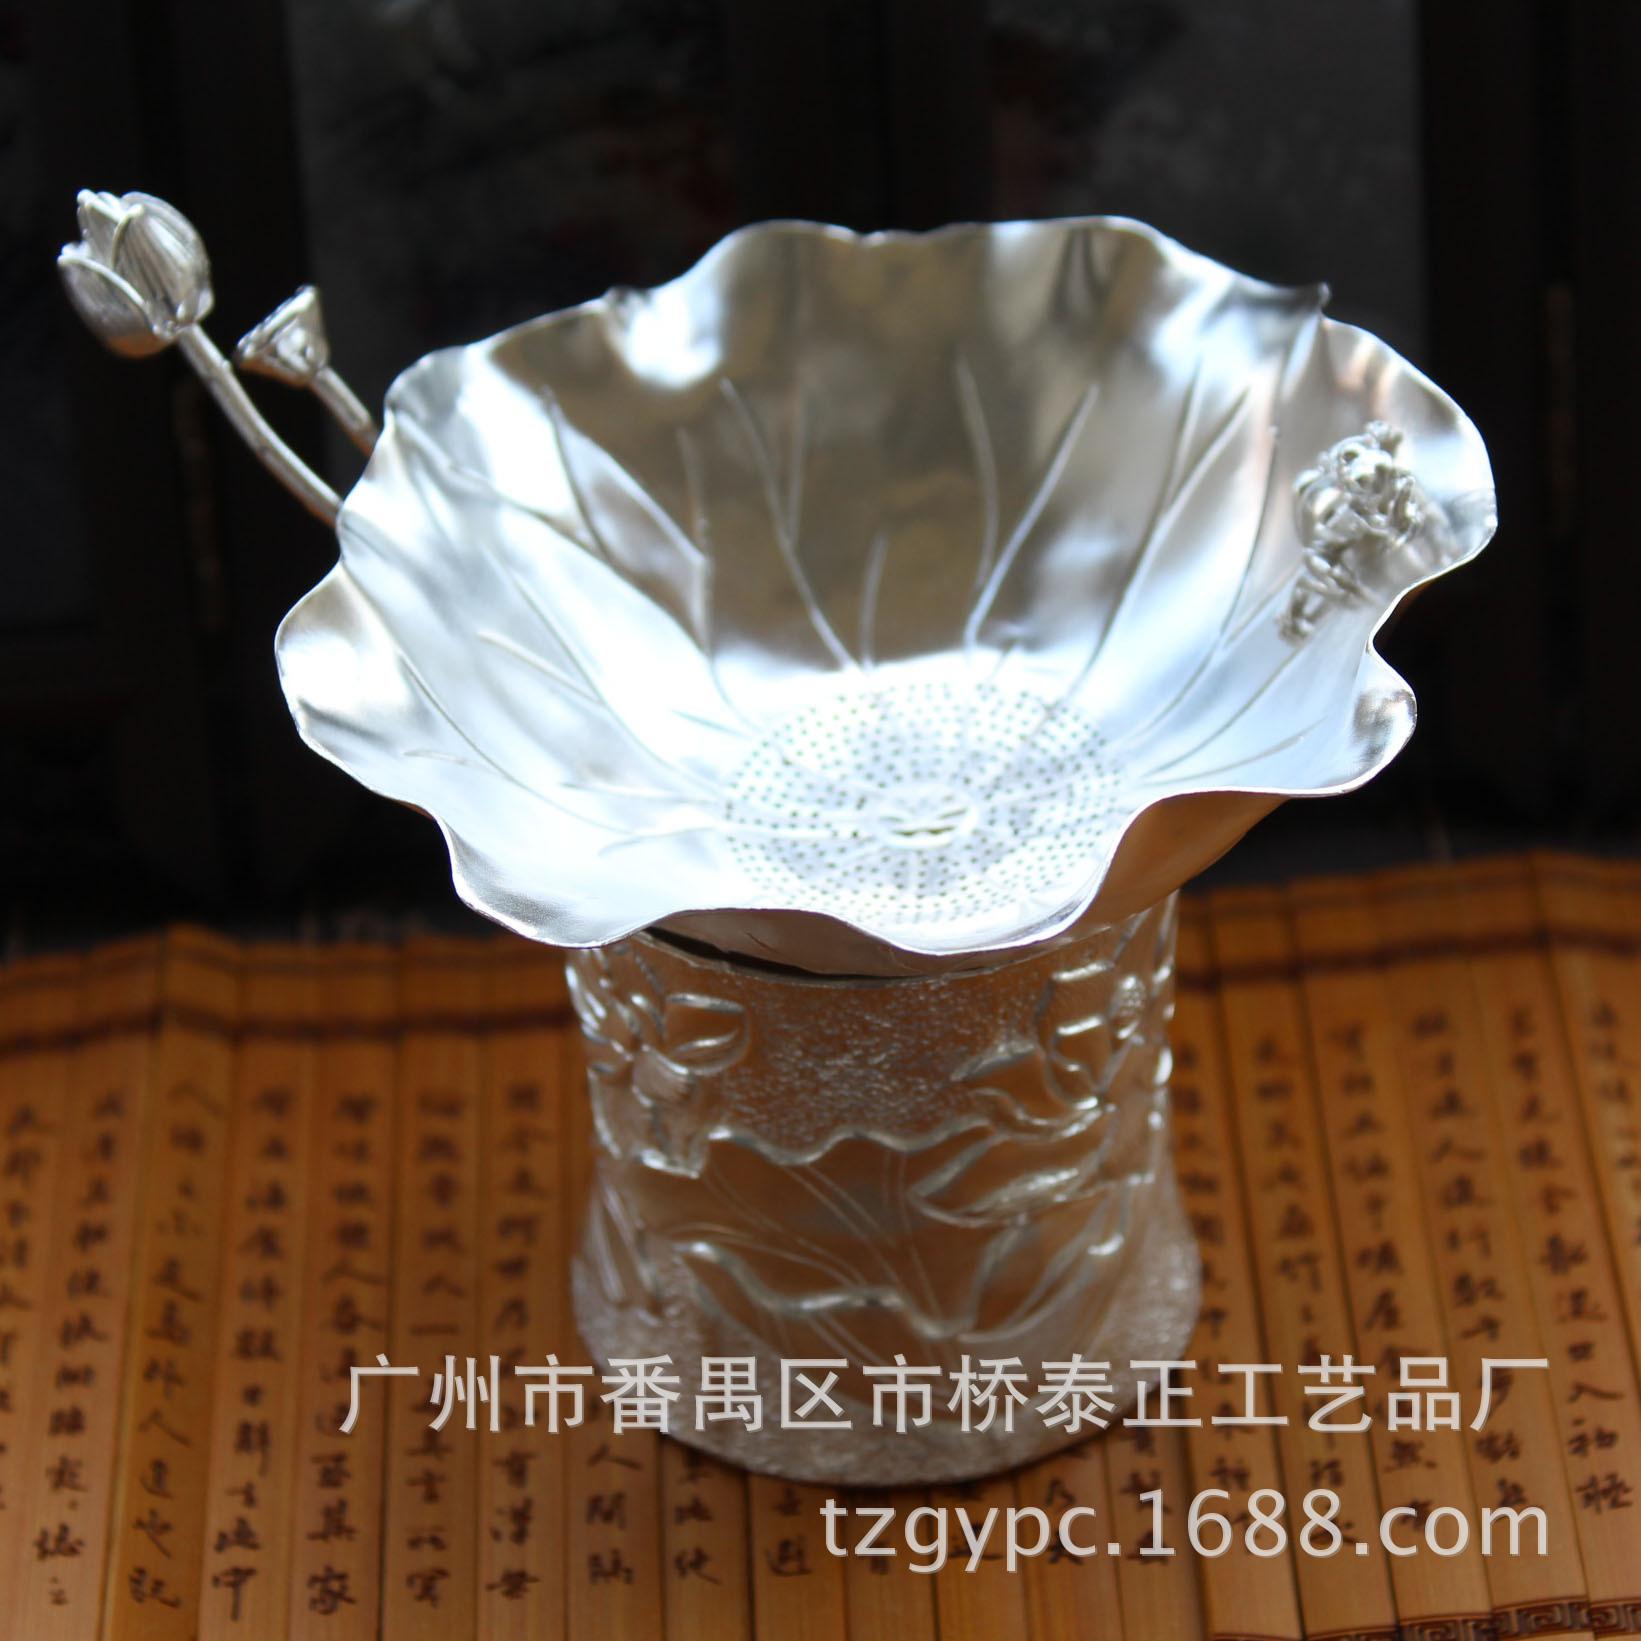 泰像銀 S990純銀足銀茶漏 純銀茶濾網 青蛙荷葉茶漏 茶具配件